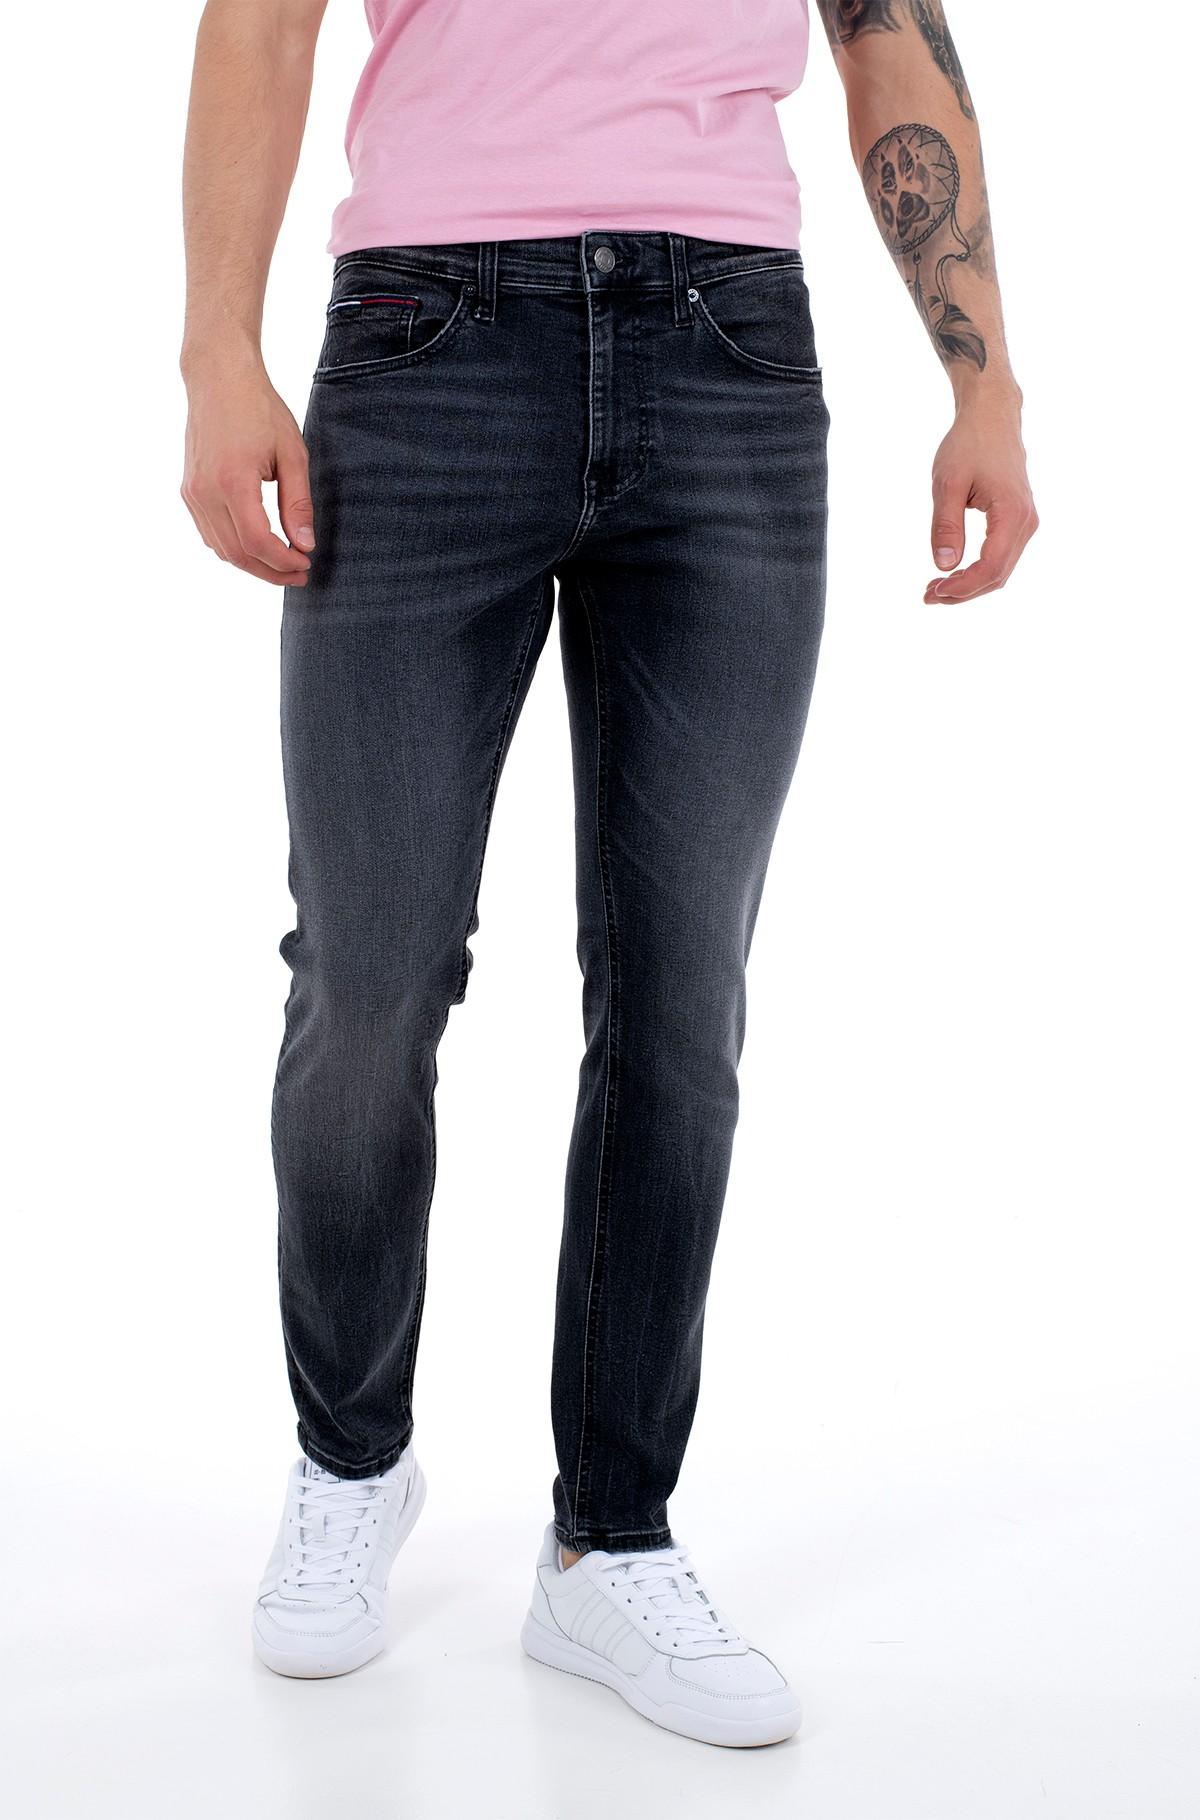 Jeans AUSTIN SLIM TPRD DYBRBKS-full-1